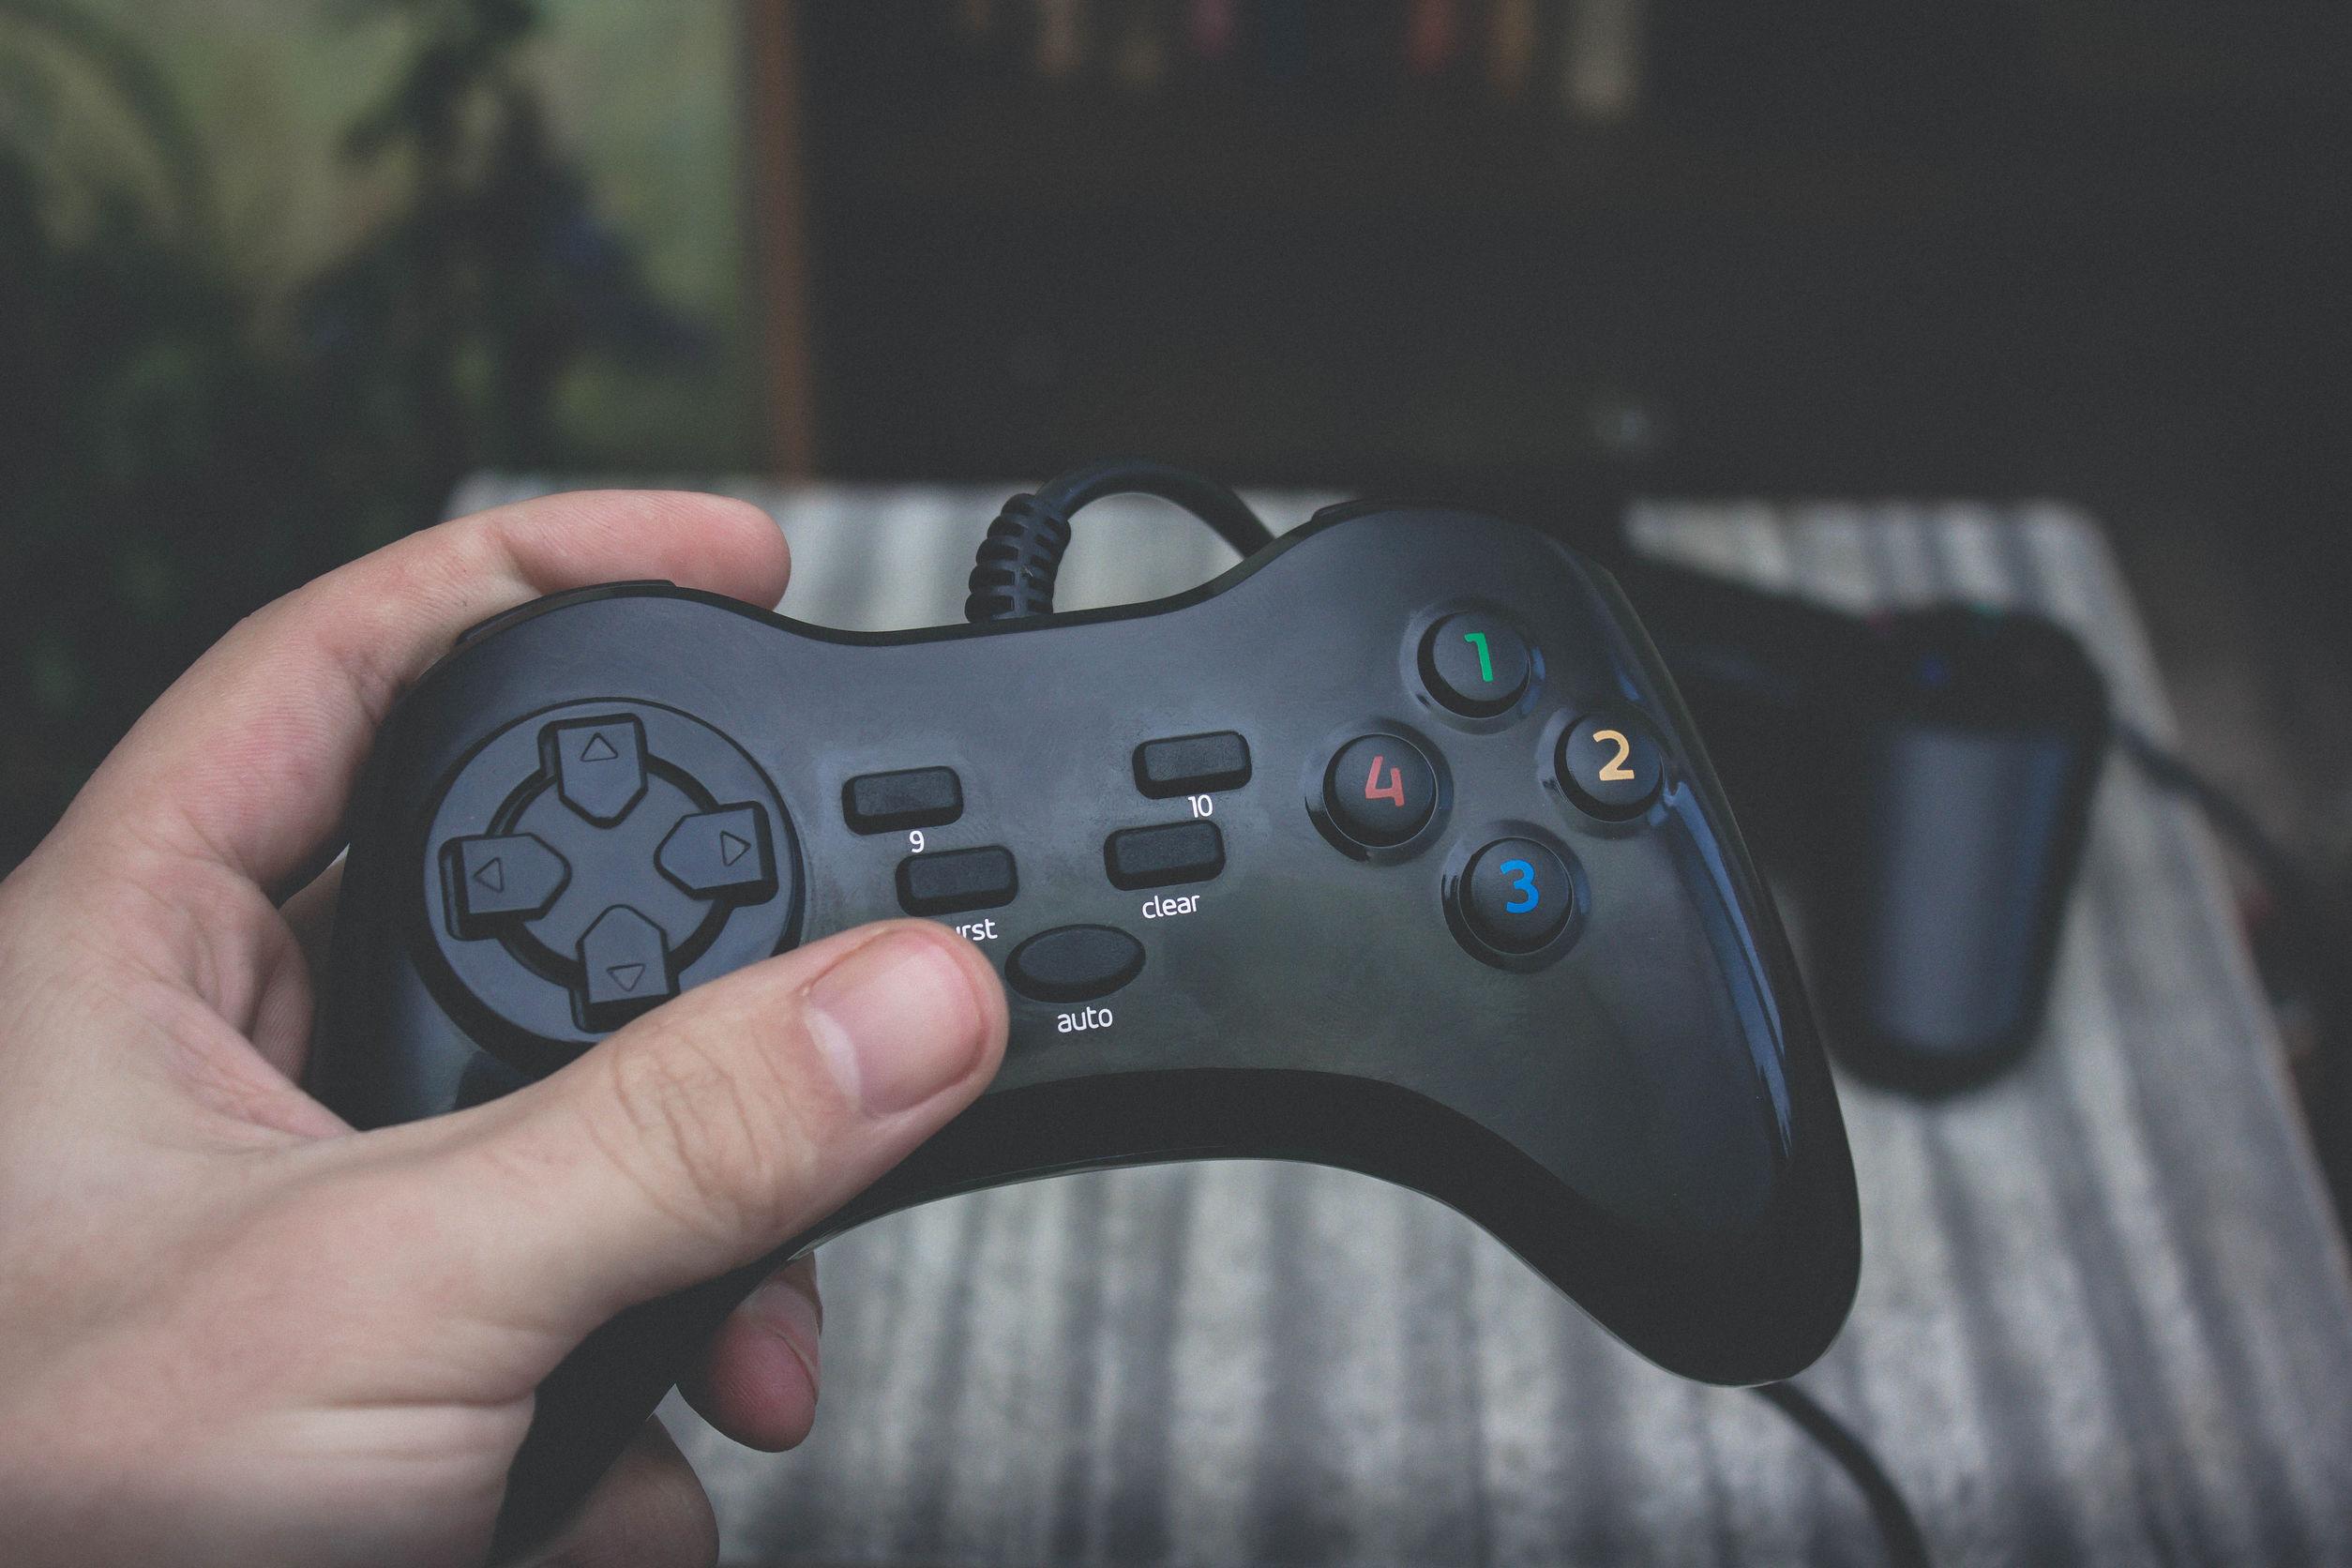 Miglior joystick per PC 2020: Guida all'acquisto